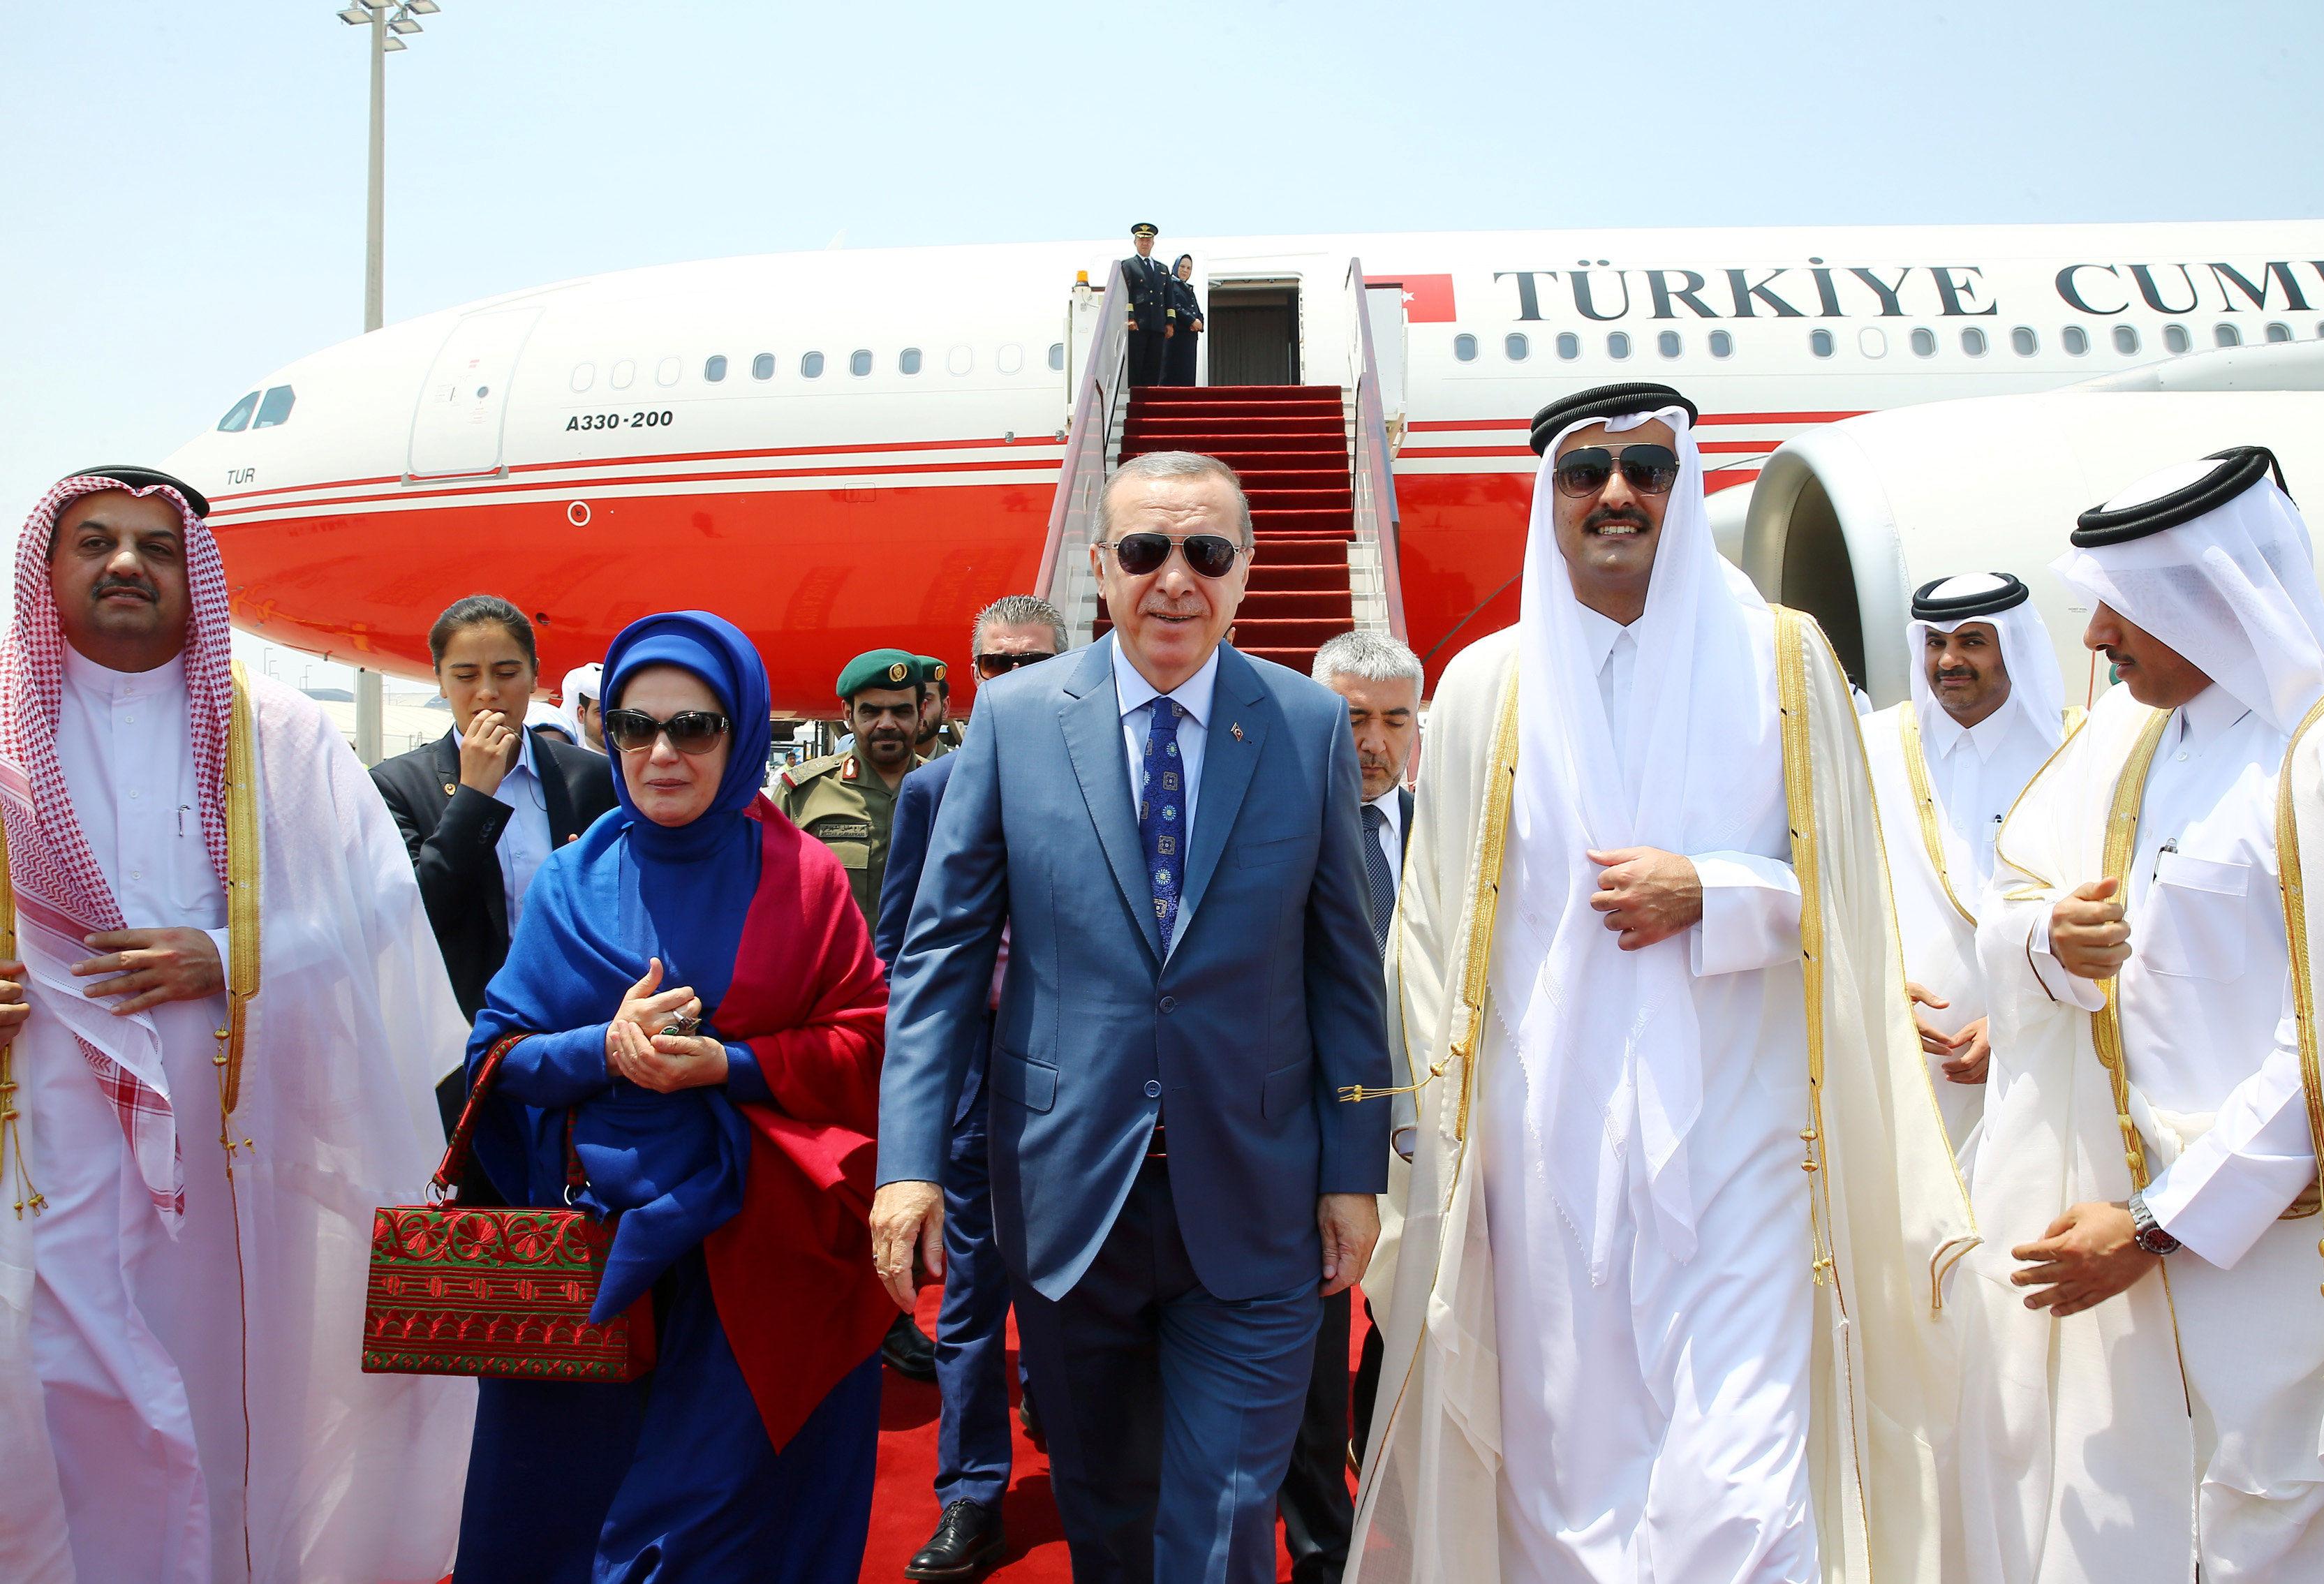 Turkish President Tayyip Erdogan, accompanied by his wife Emine Erdogan, is welcomed by Emir of Qatar Sheikh Tamim Bin Hamad Al-Thani in Doha, Qatar, July 24, 2017.